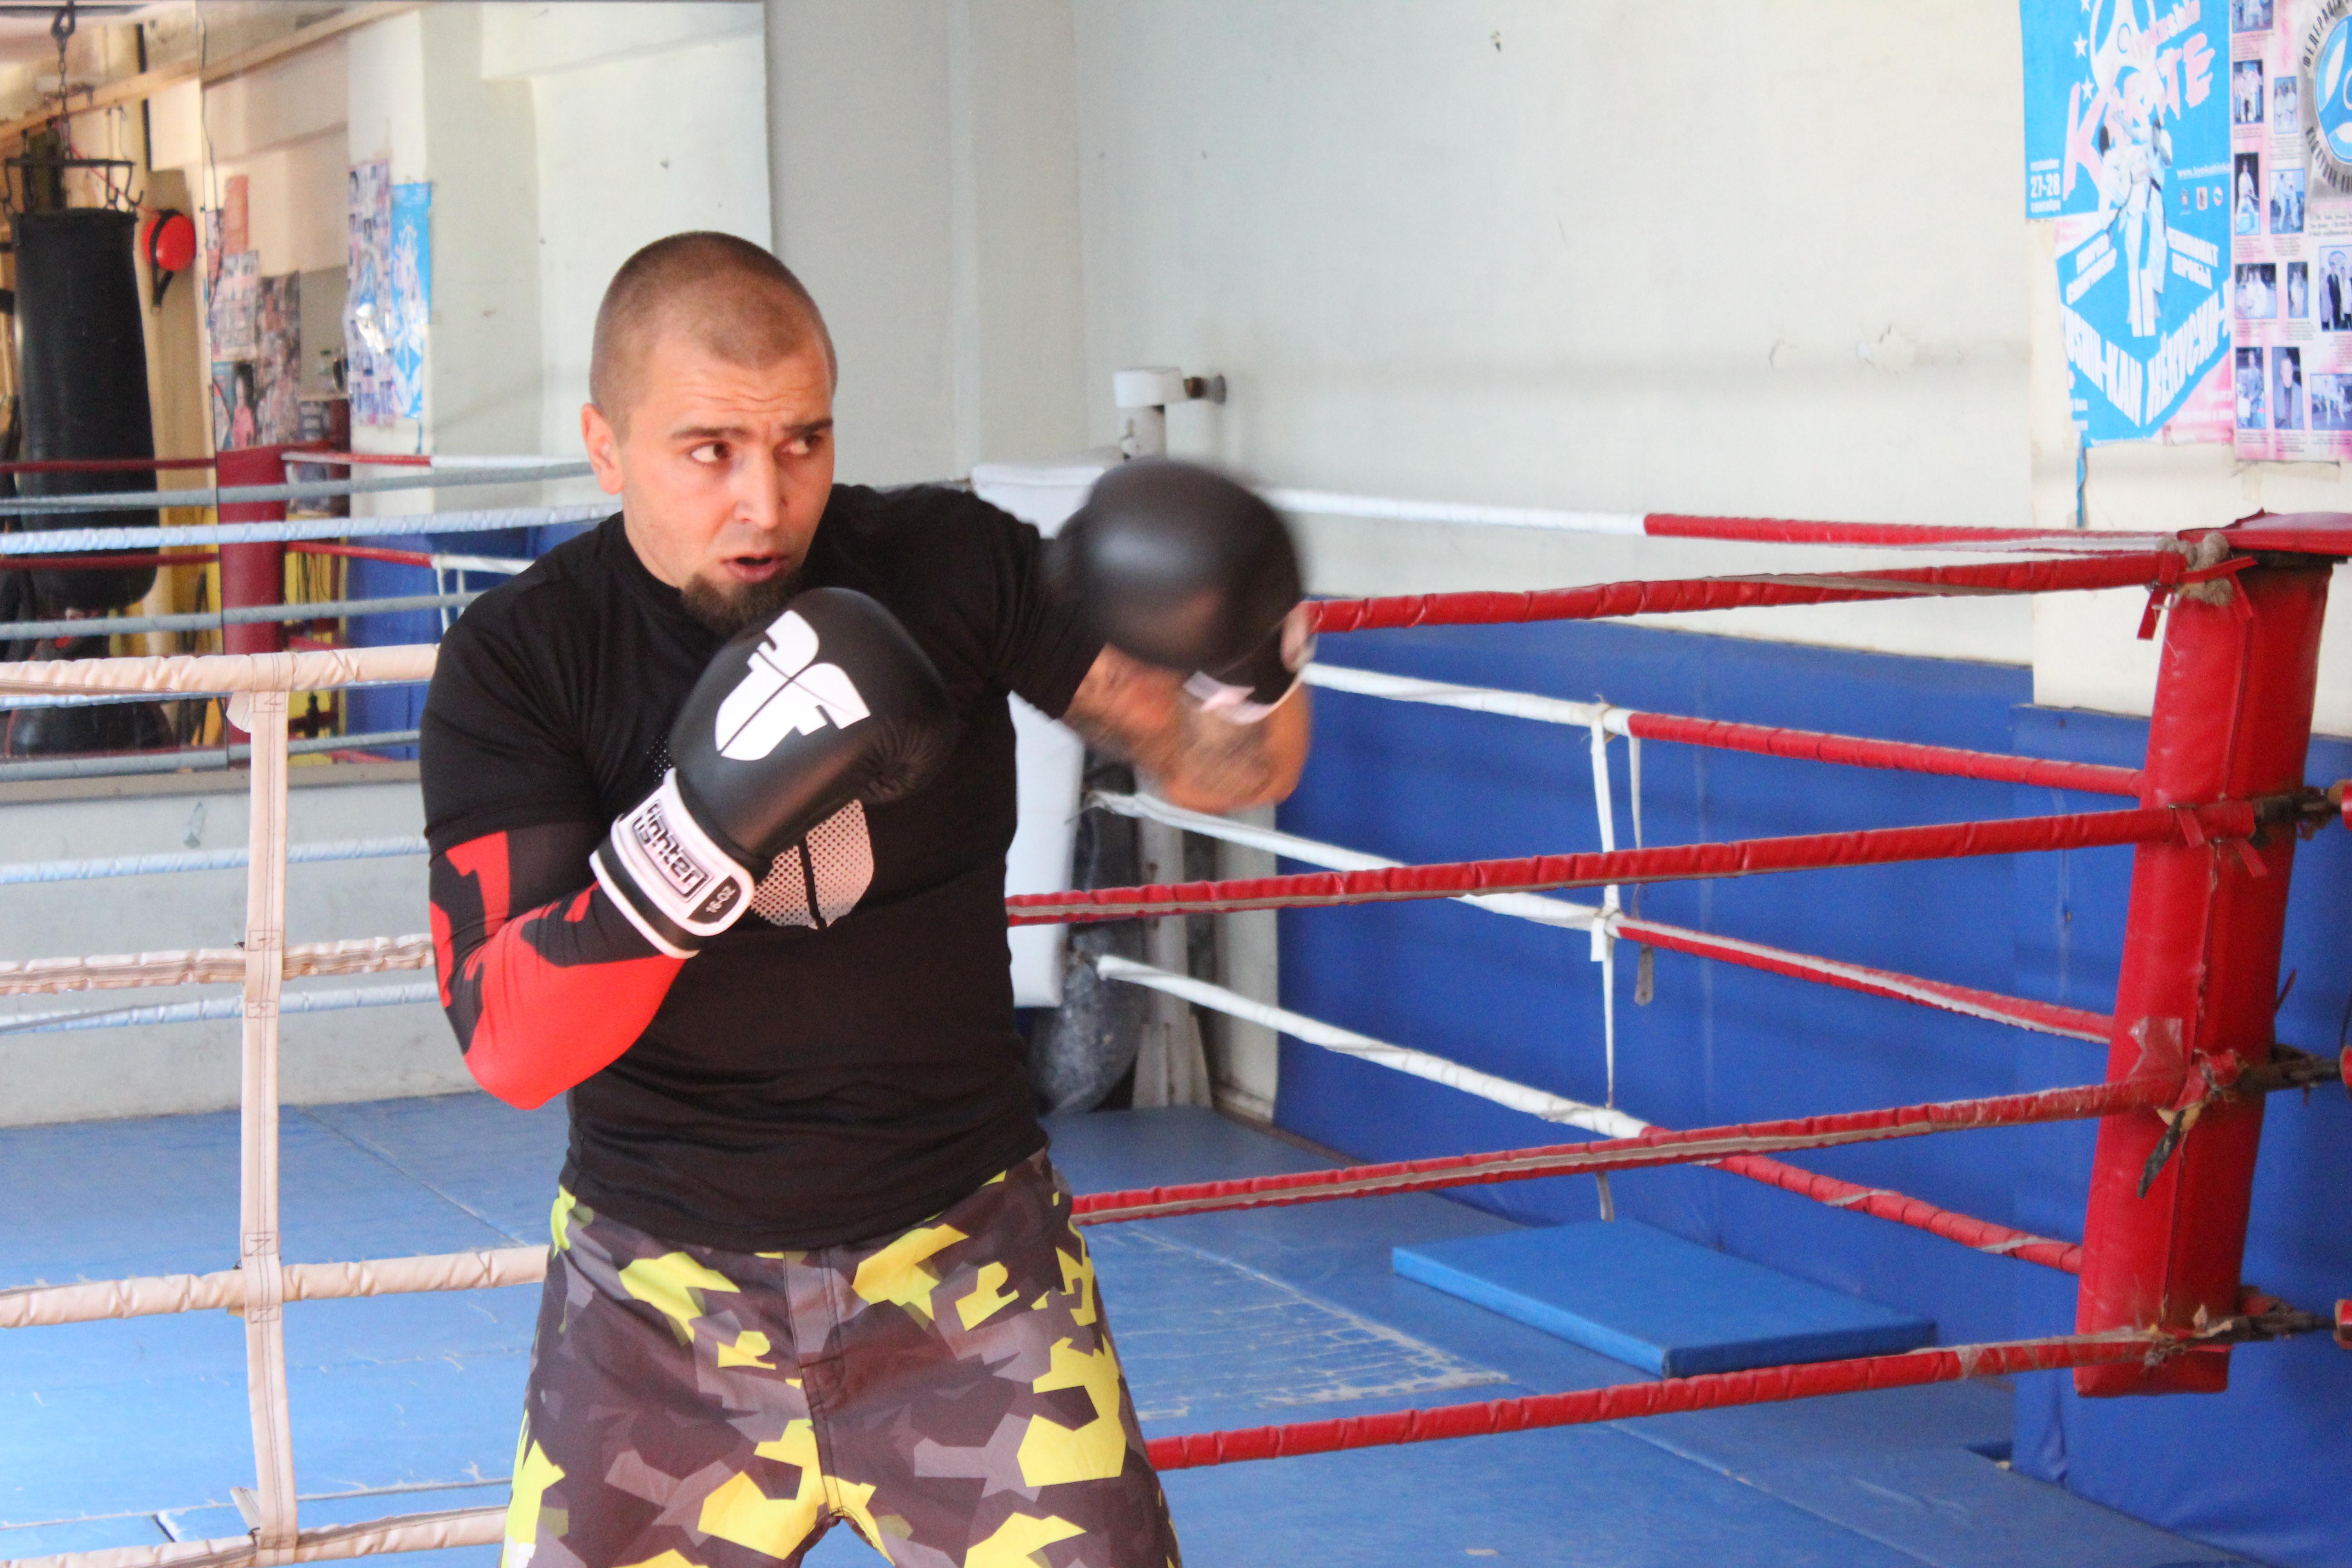 Оригинальные Классические Боксерские Перчатки - FIGHTER - Boxing -  КОЖА ( бренд Чехия )